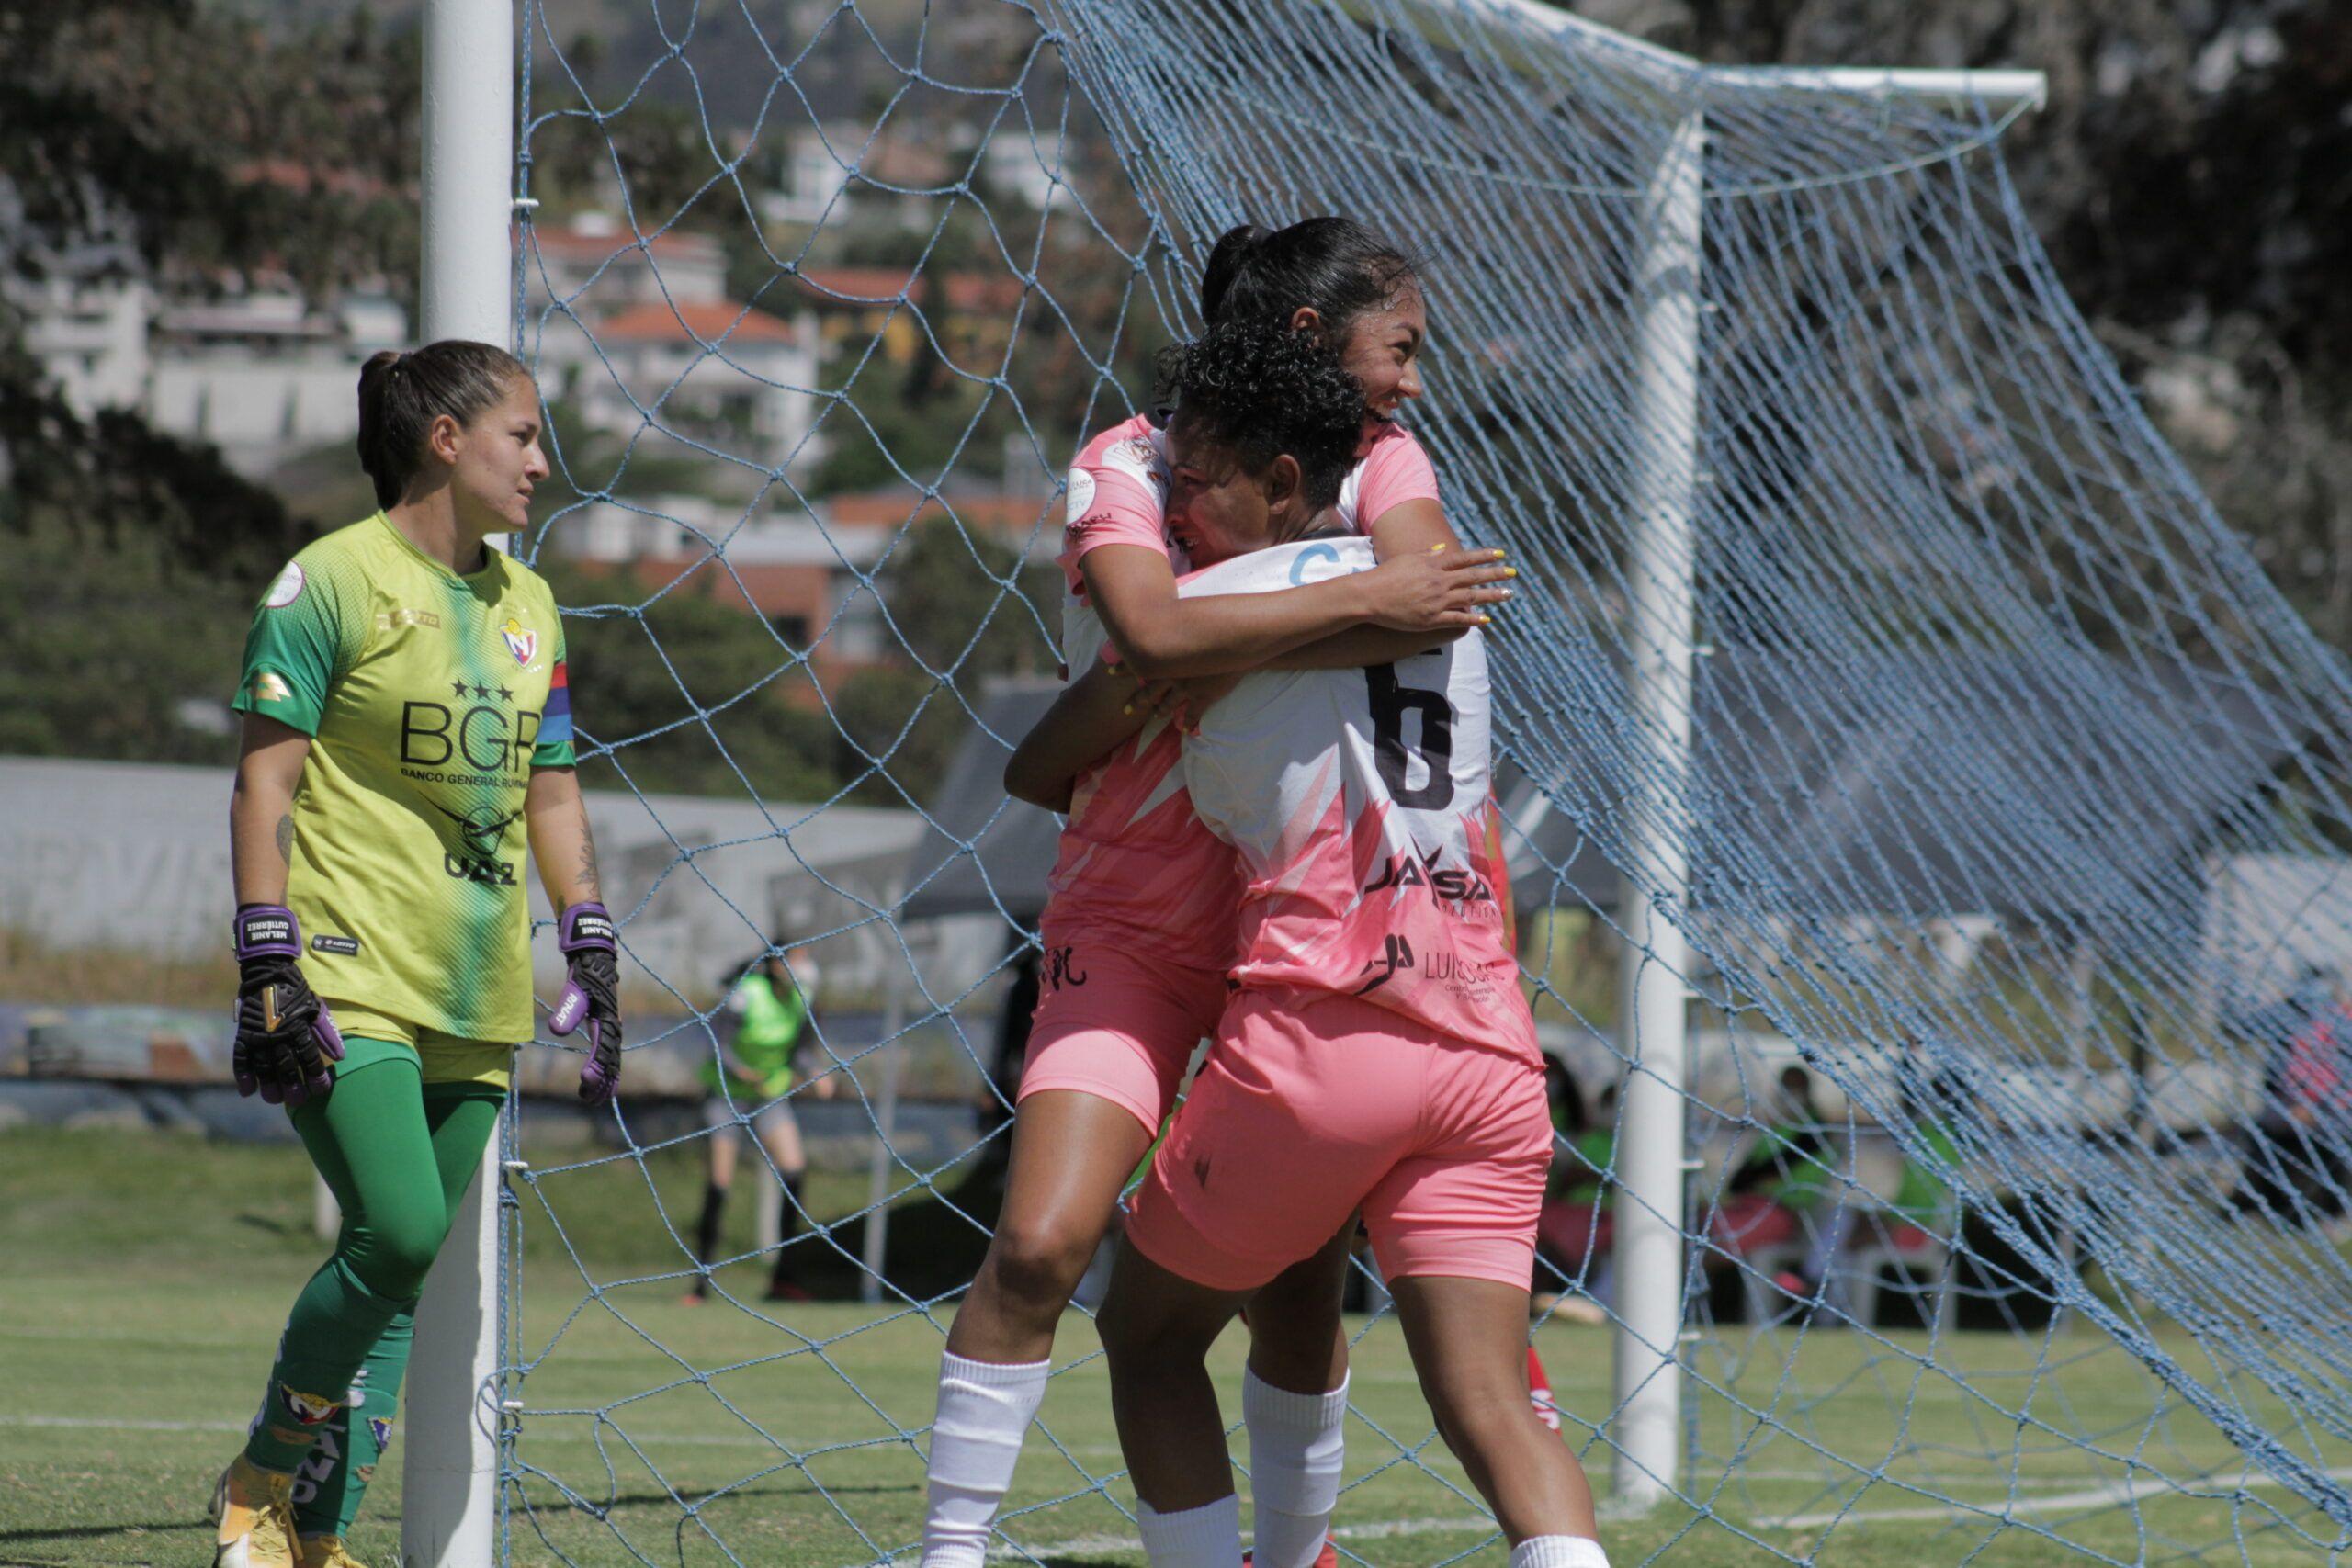 El Nacional 1-3 Ñañas